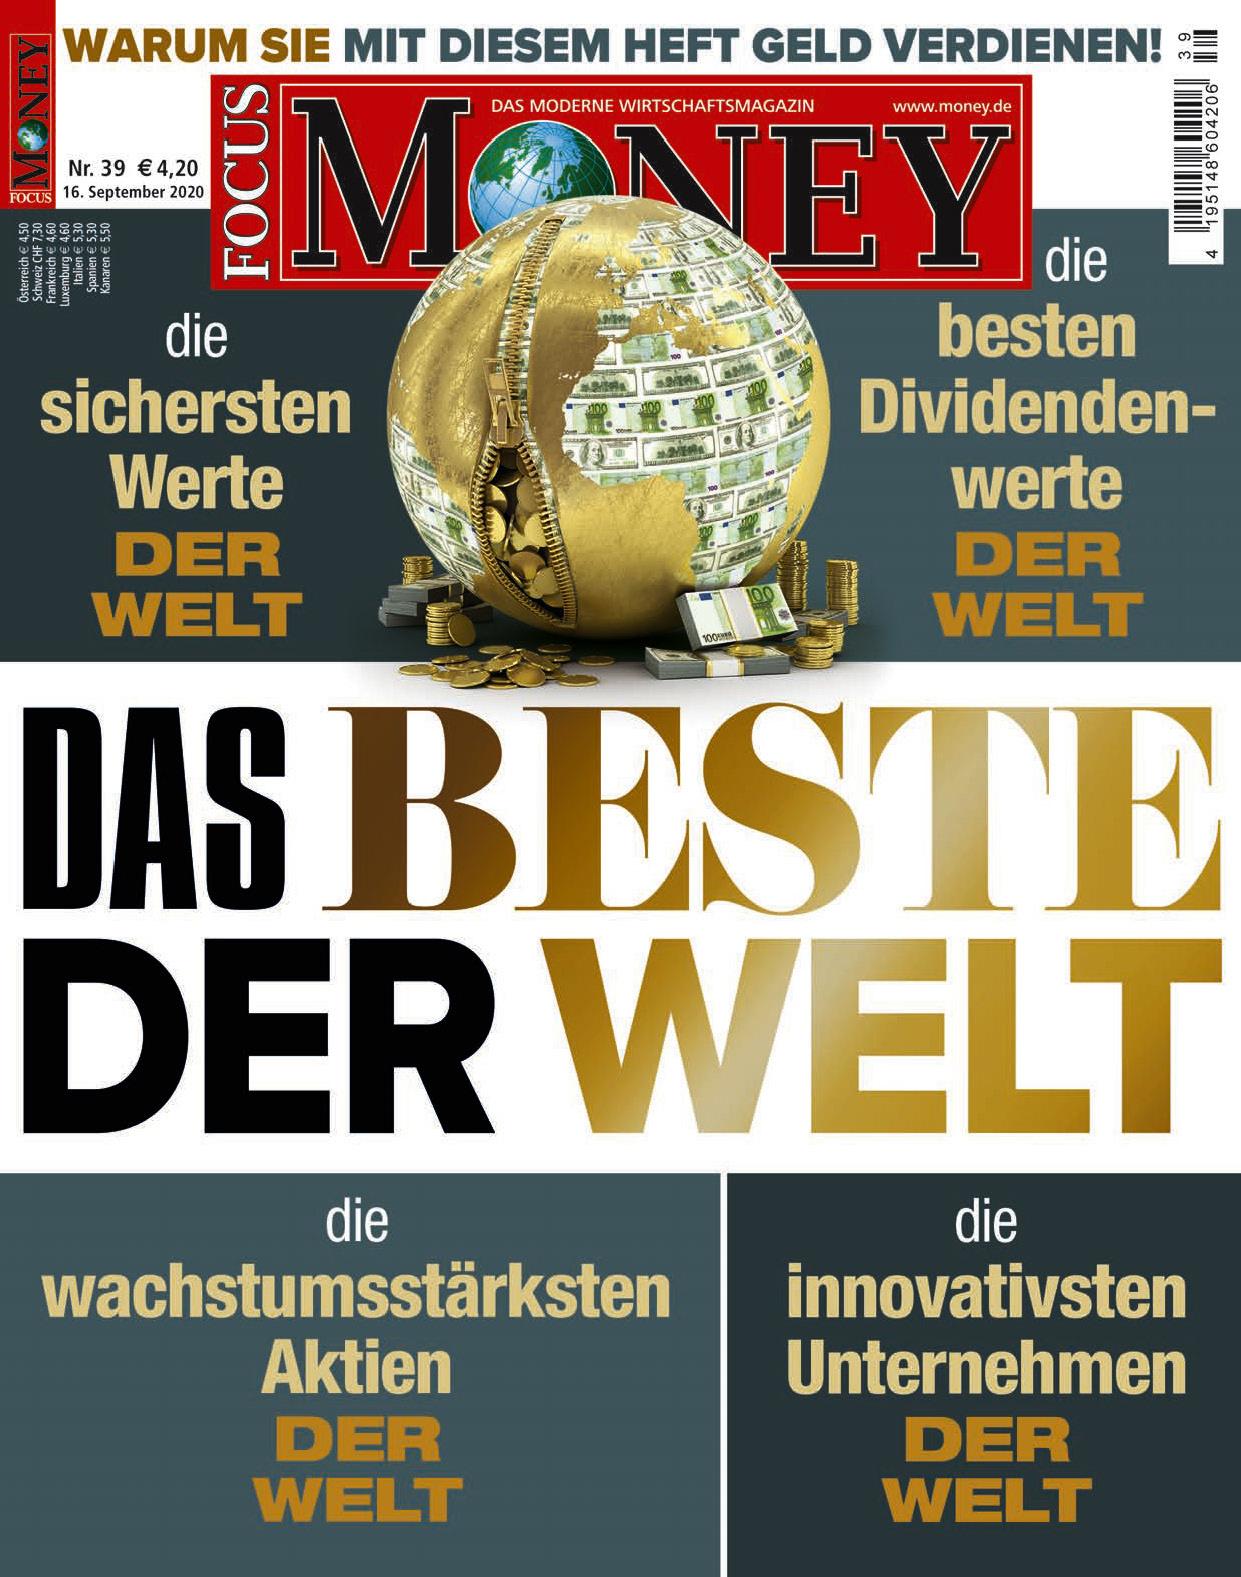 FOCUS-MONEY FOCUS MONEY – Das Beste der Welt: Warum Sie mit diesem Heft Geld verdienen!